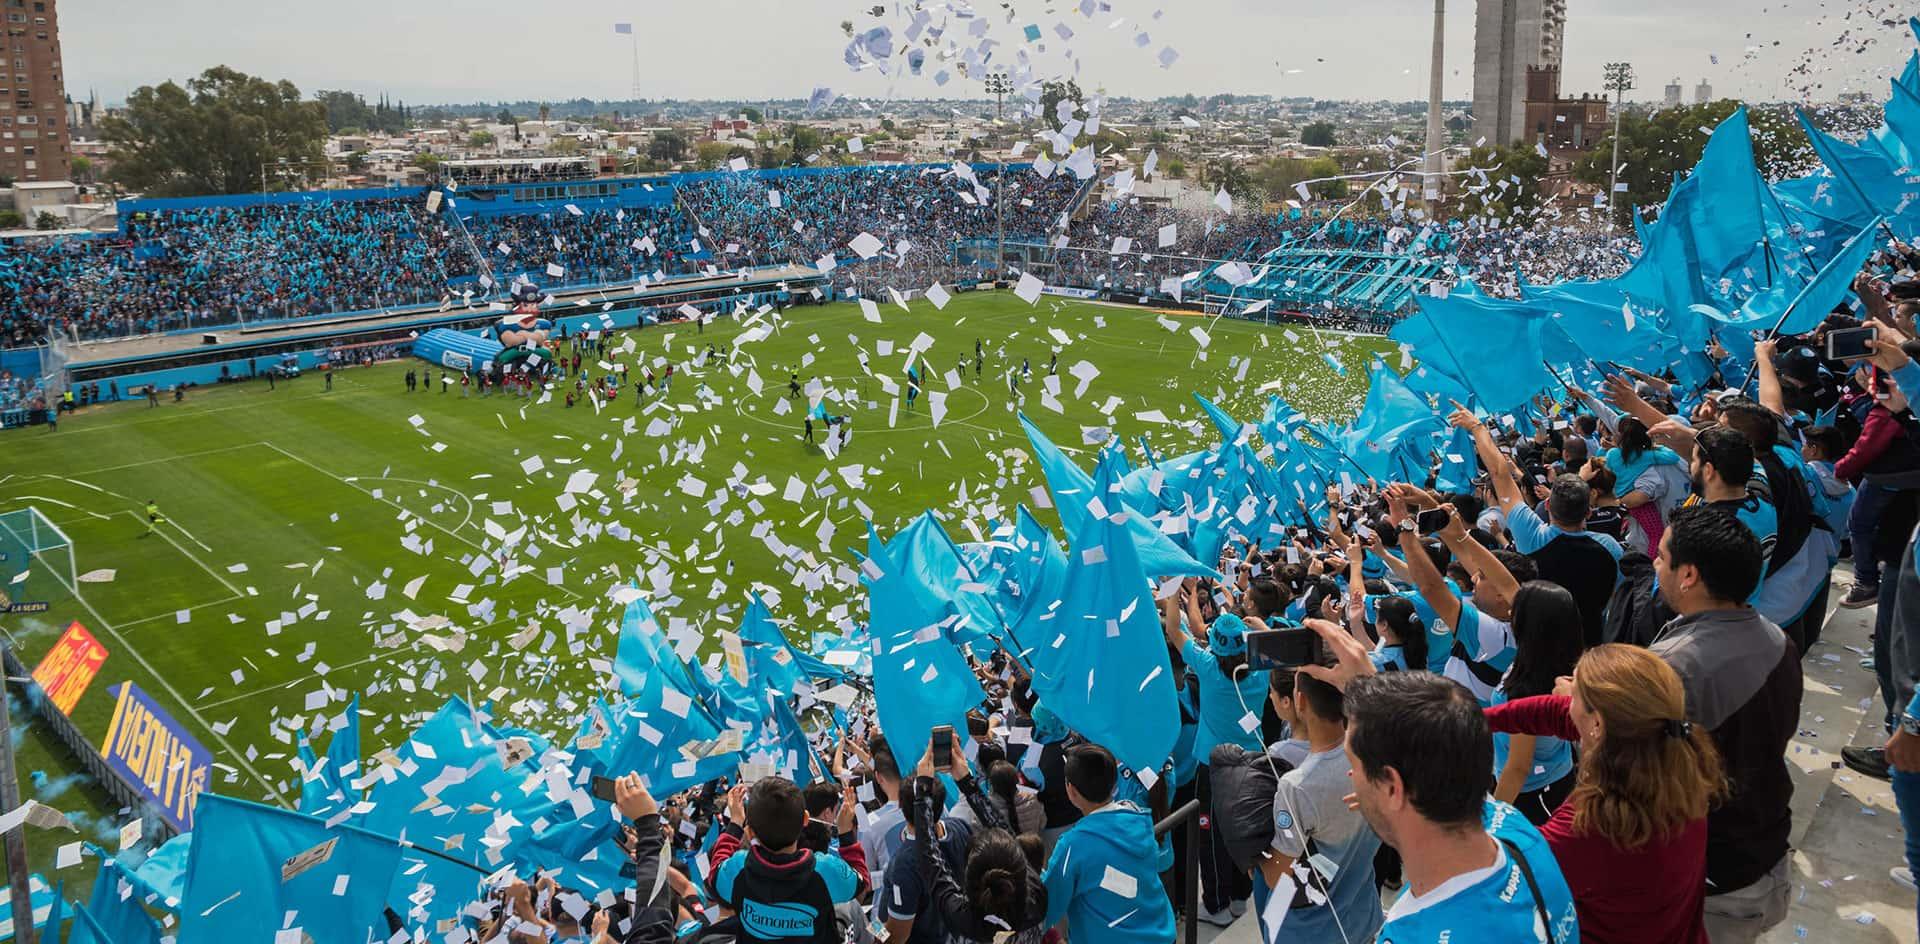 Una mirada sociológica para reconocer e intervenir sobre las prácticas violentas en el fútbol